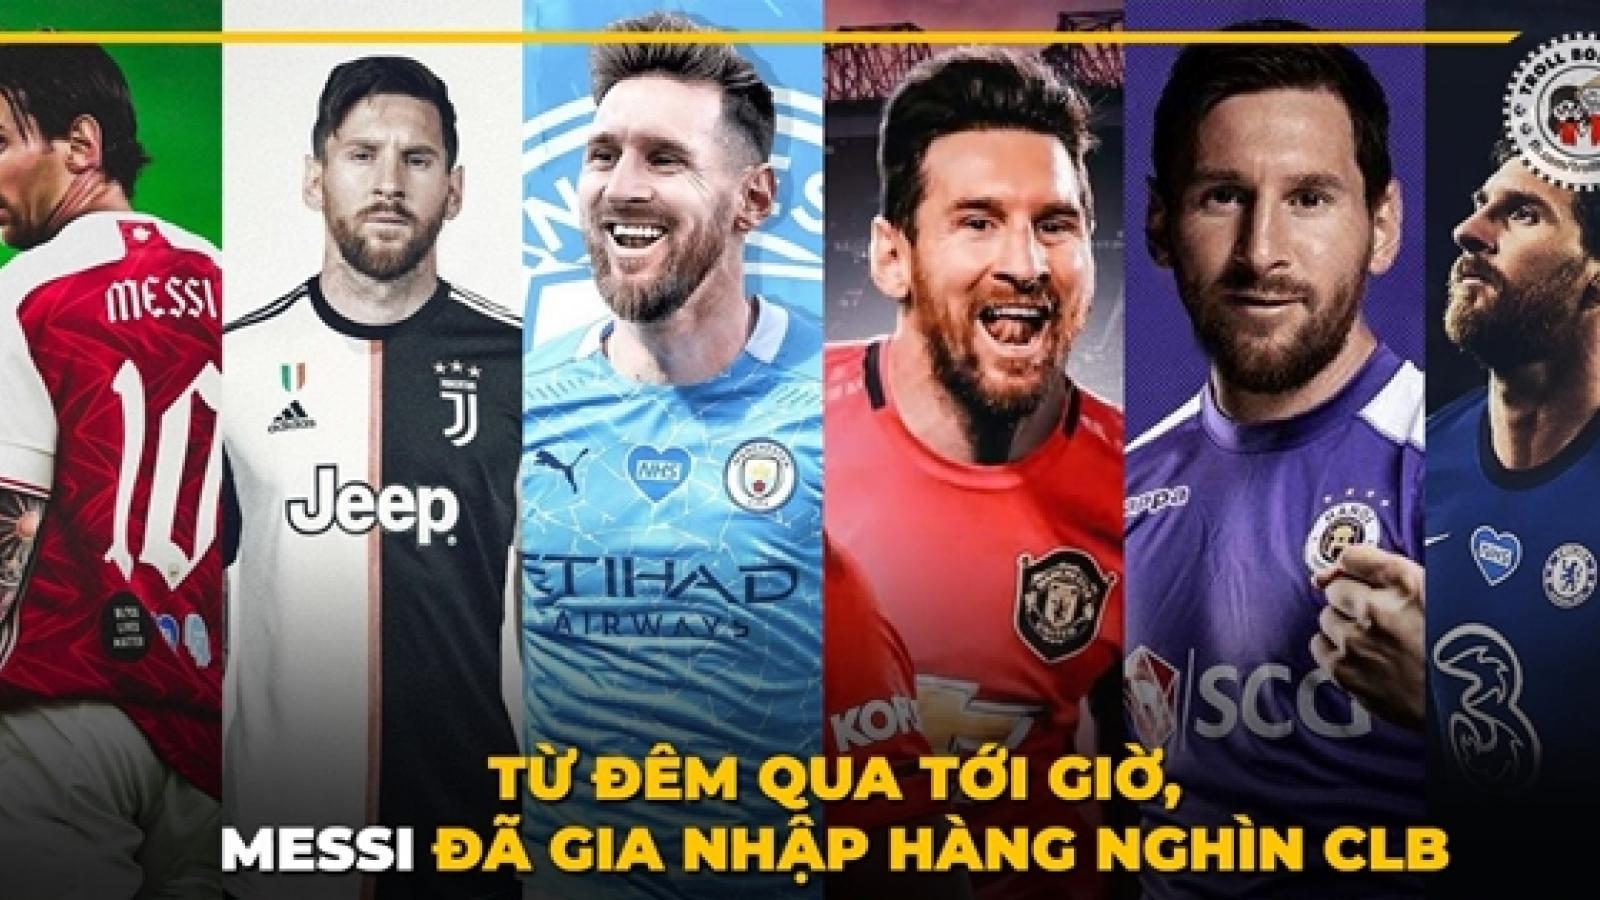 Biếm họa 24h: Các CLB V-League cũng tham gia cuộc đua giành chữ ký Lionel Messi